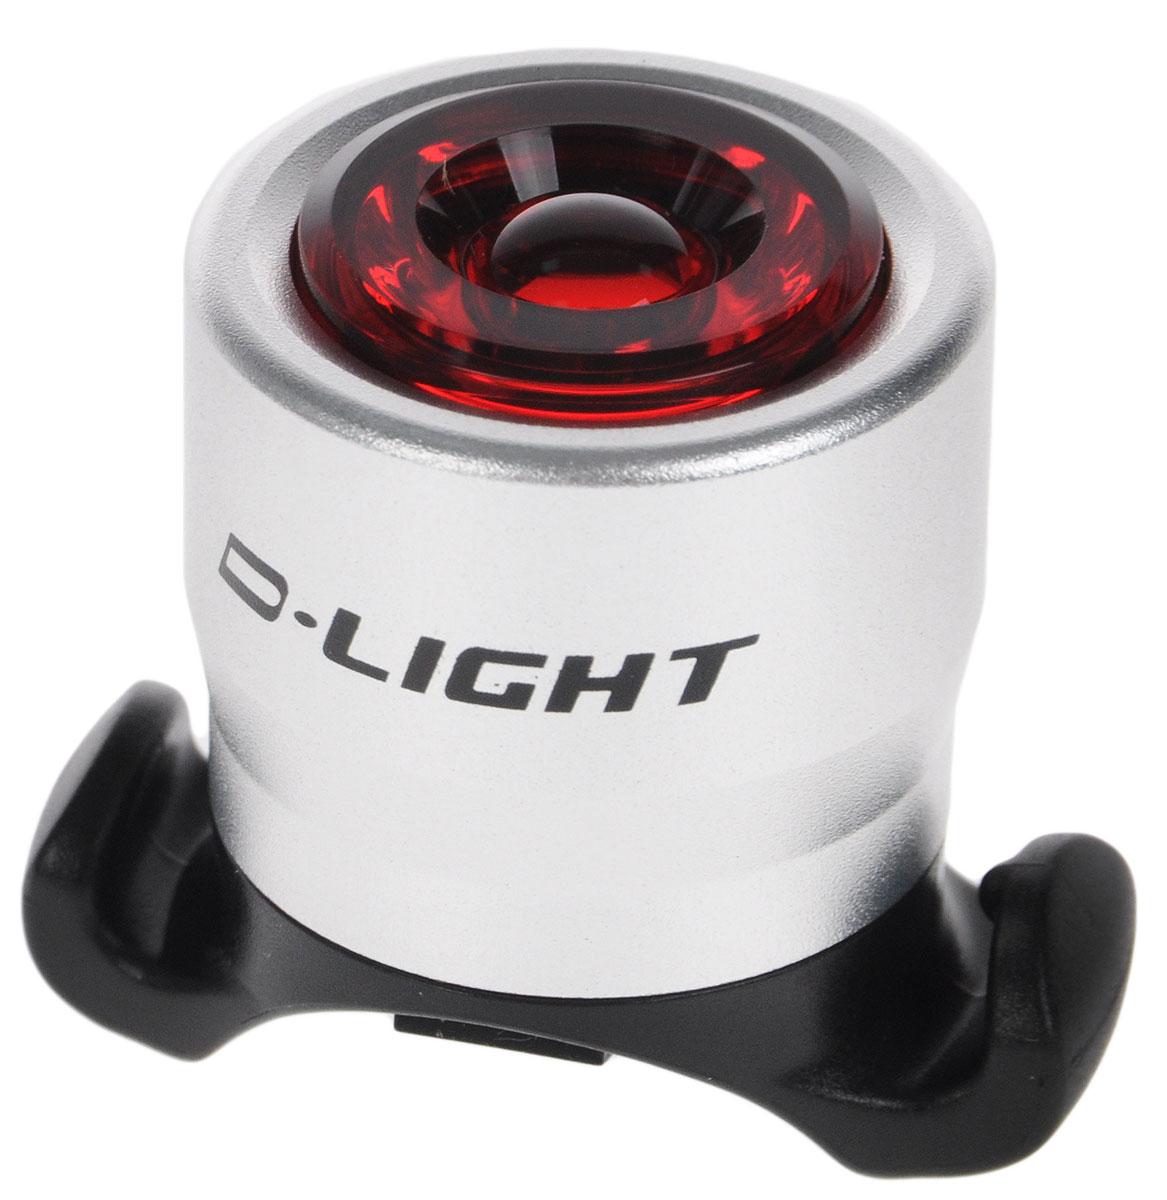 Фонарь велосипедный D-Light CG-212R, габаритный, передний, цвет: серебристый, красный, черныйCG-212R-SilverПередний габаритный велофонарь D-Light CG-212R предназначен для обеспечения большей безопасности при поездках в темное время суток. Он легко крепится и снимается без дополнительных инструментов. Корпус изделия выполнен из прочного алюминия. Фонарь имеет 2 режима: мигание и постоянное свечение. Он водонепроницаем, имеет один SMD красный светодиод. Фонарь питается от 2 батарей типа CR2032 (входят в комплект). Время свечения: 60 ч. Время мигания: 120 ч. Диаметр фонаря: 2,7 см. Высота фонаря: 3,5 см.